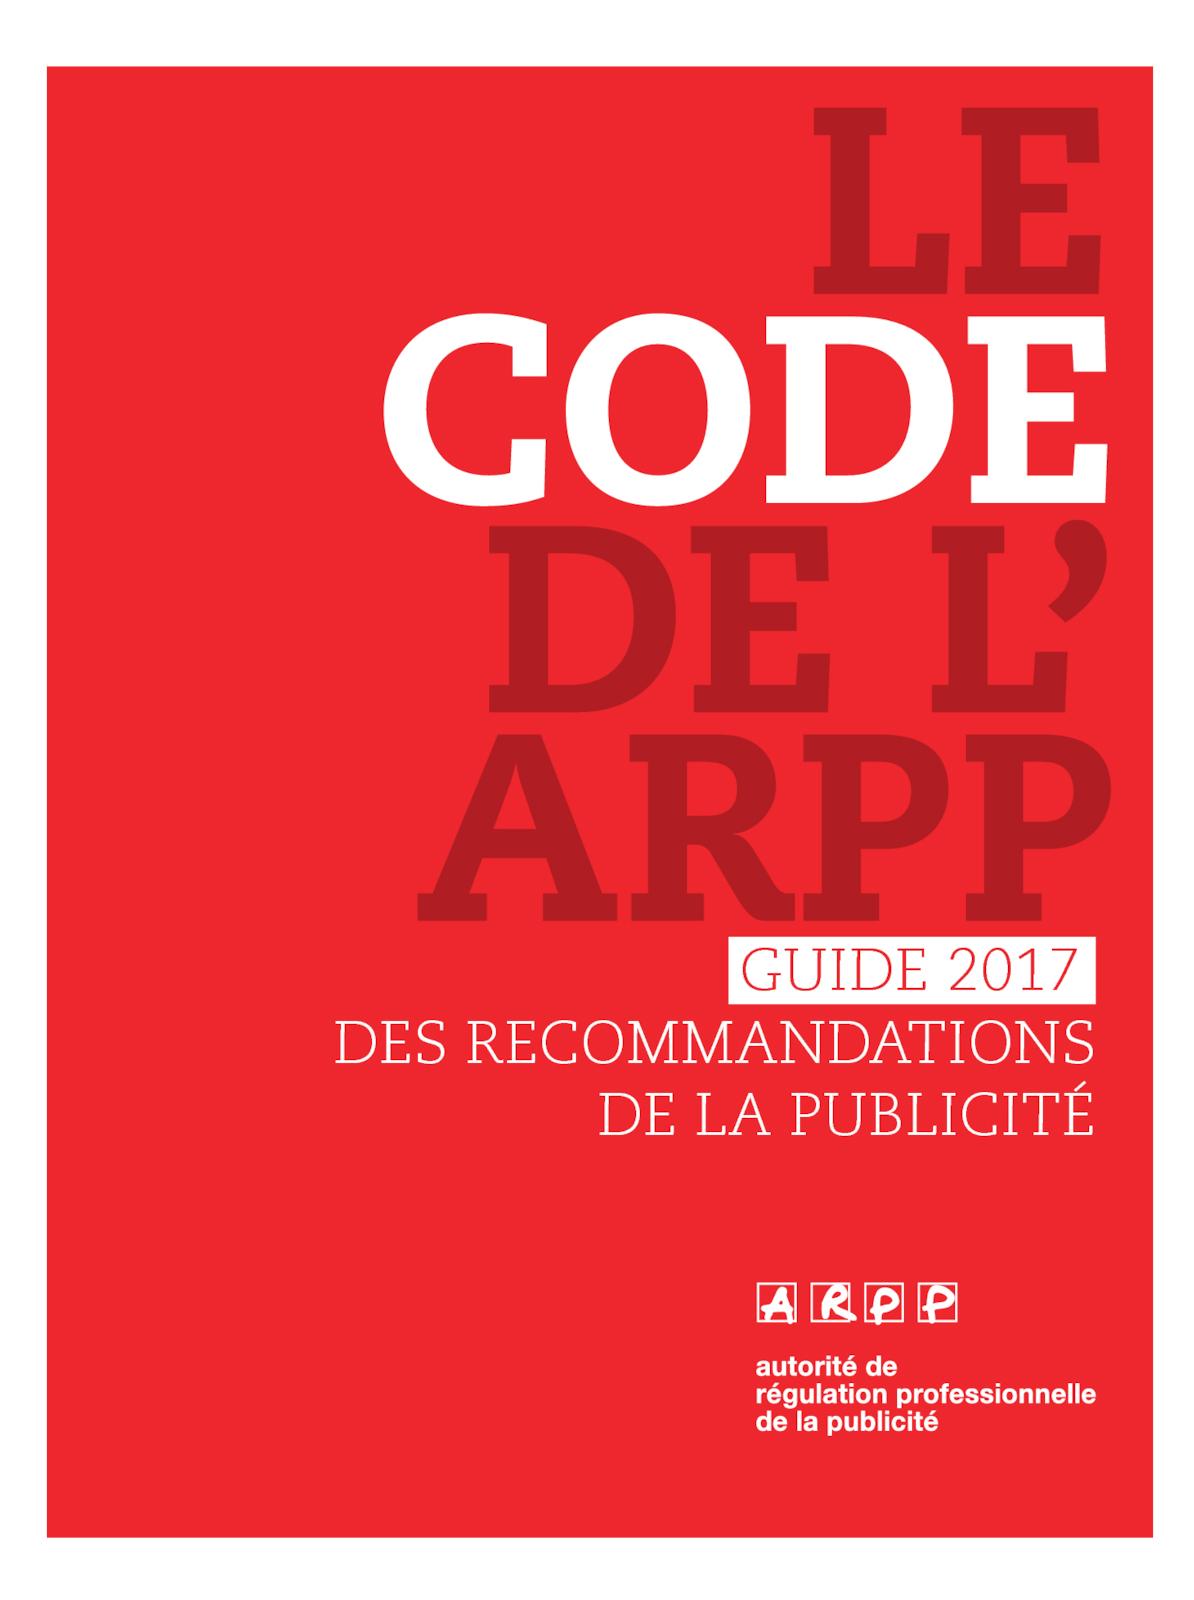 Code de l'ARPP – Guide des recommandations de la publicité